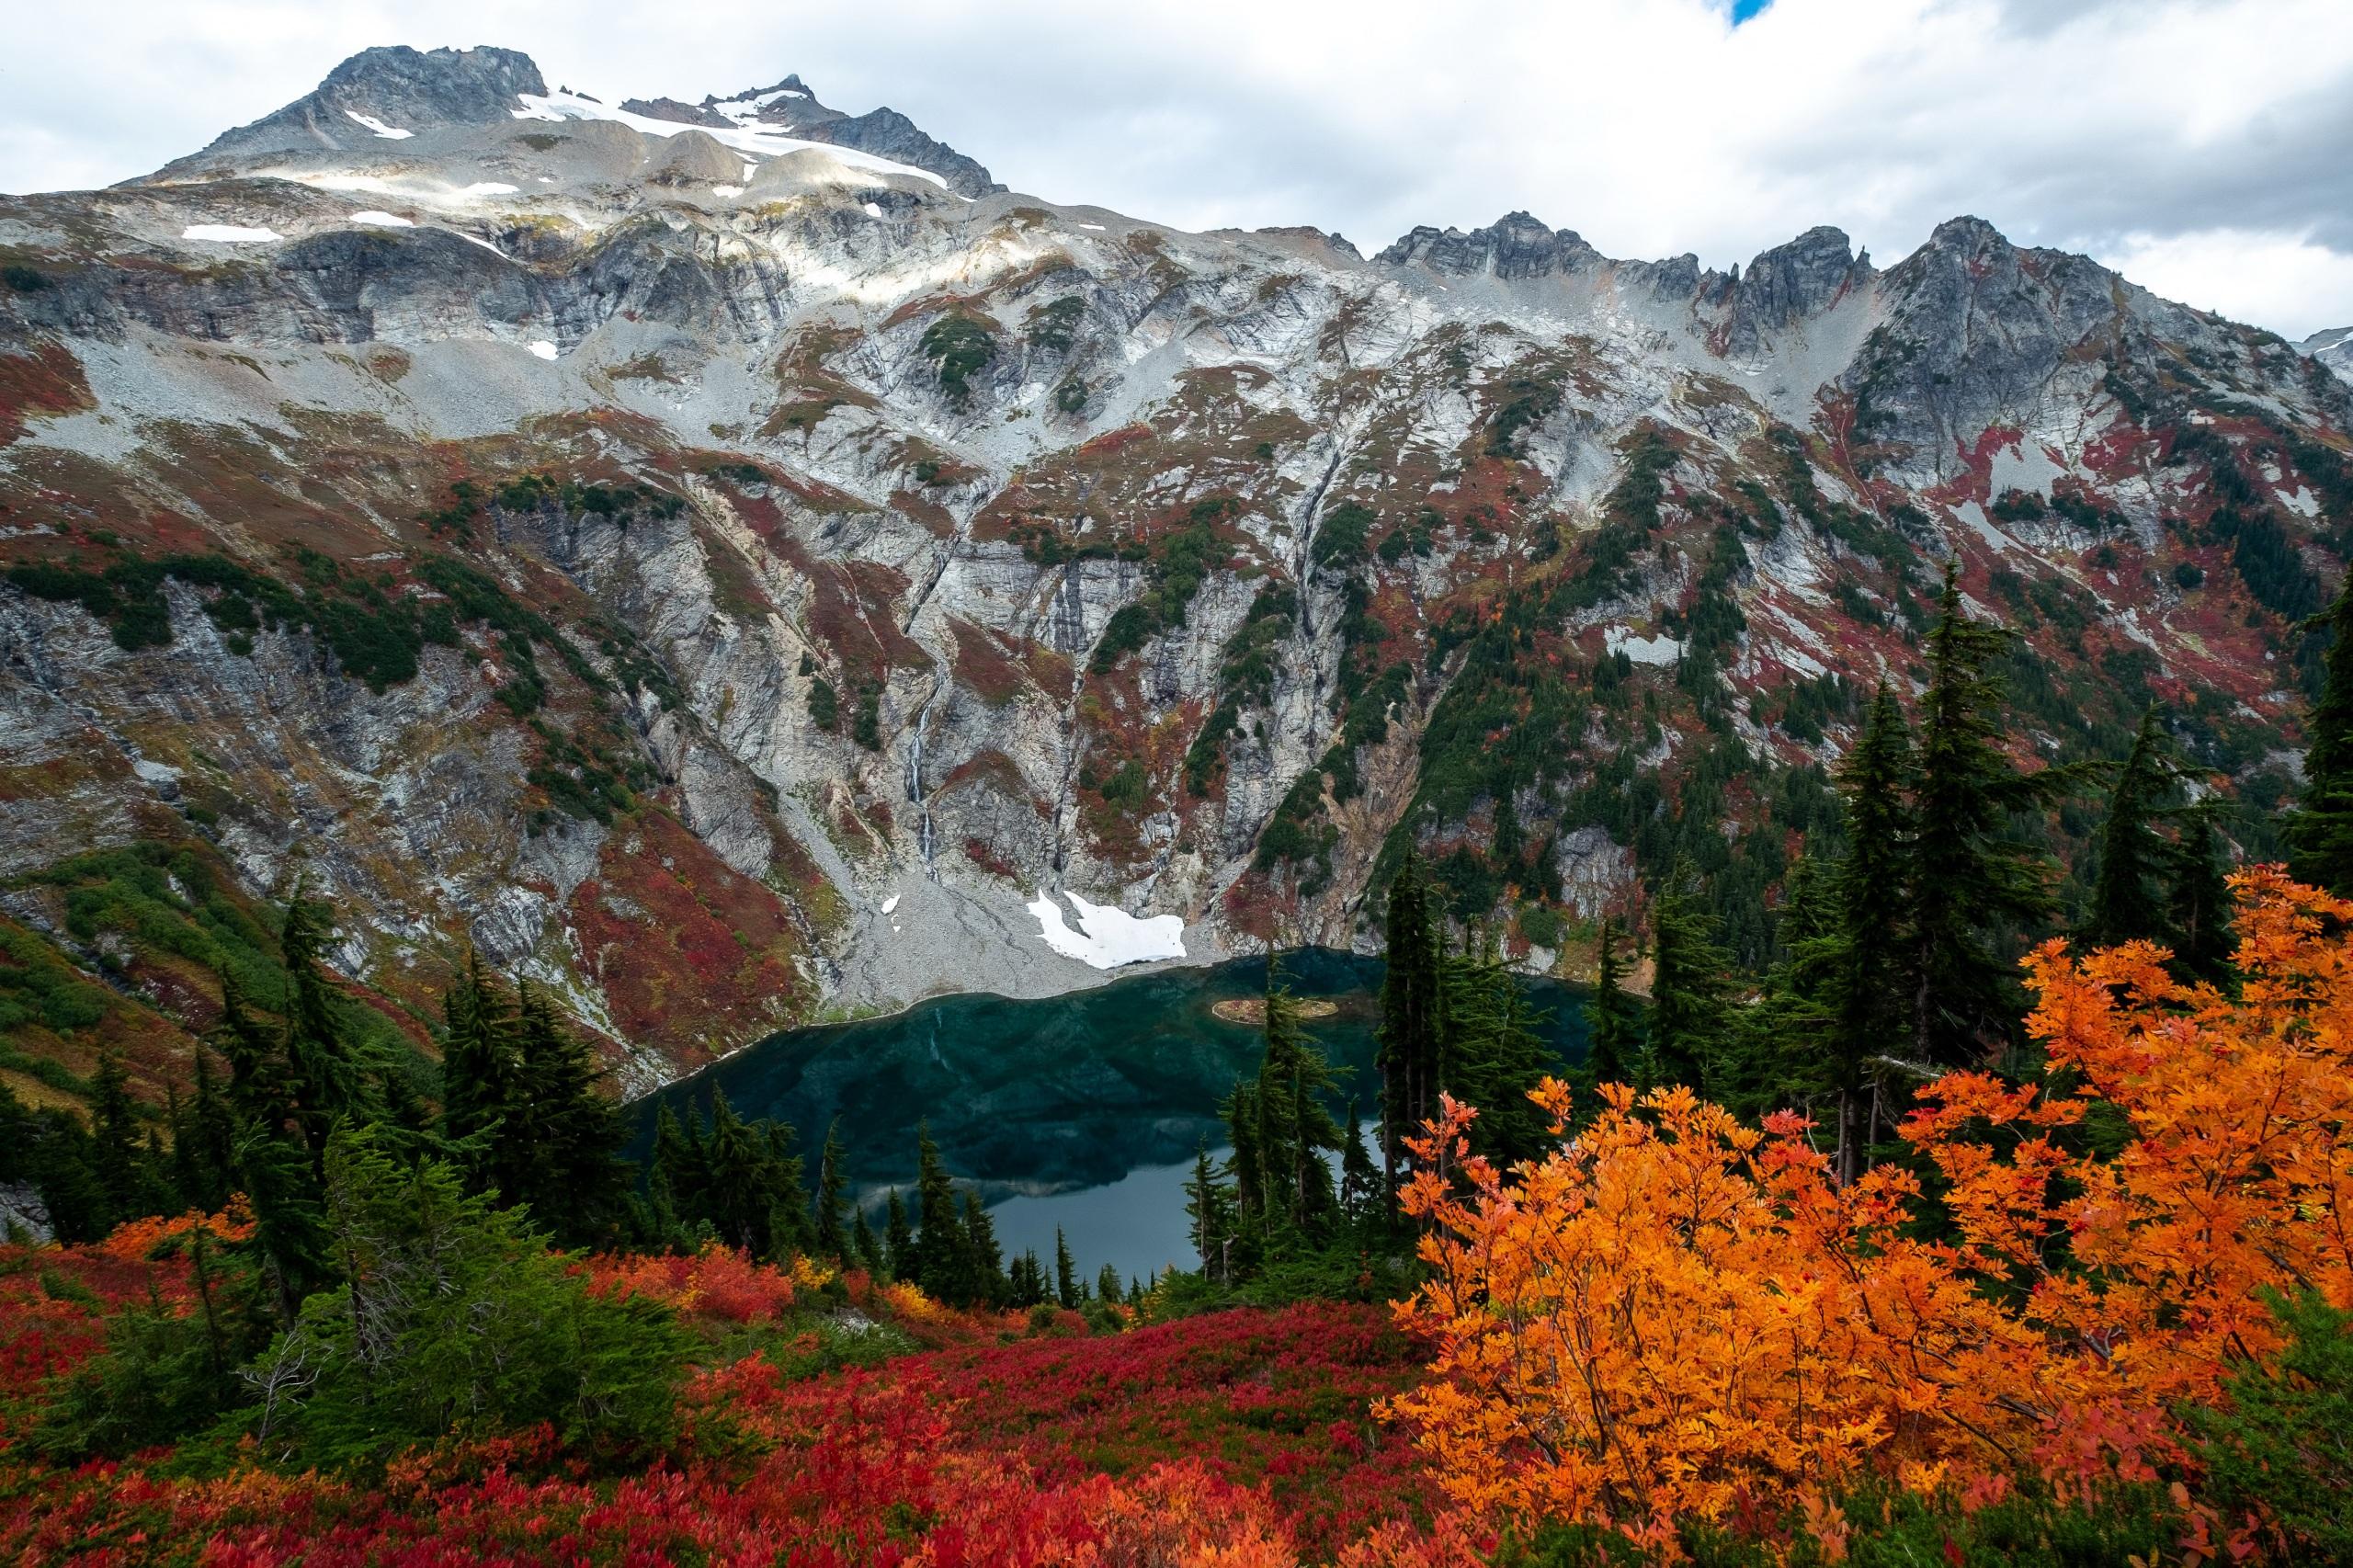 Картинка америка Doubtful Lake Горы Осень Природа Озеро 2560x1706 США штаты гора осенние